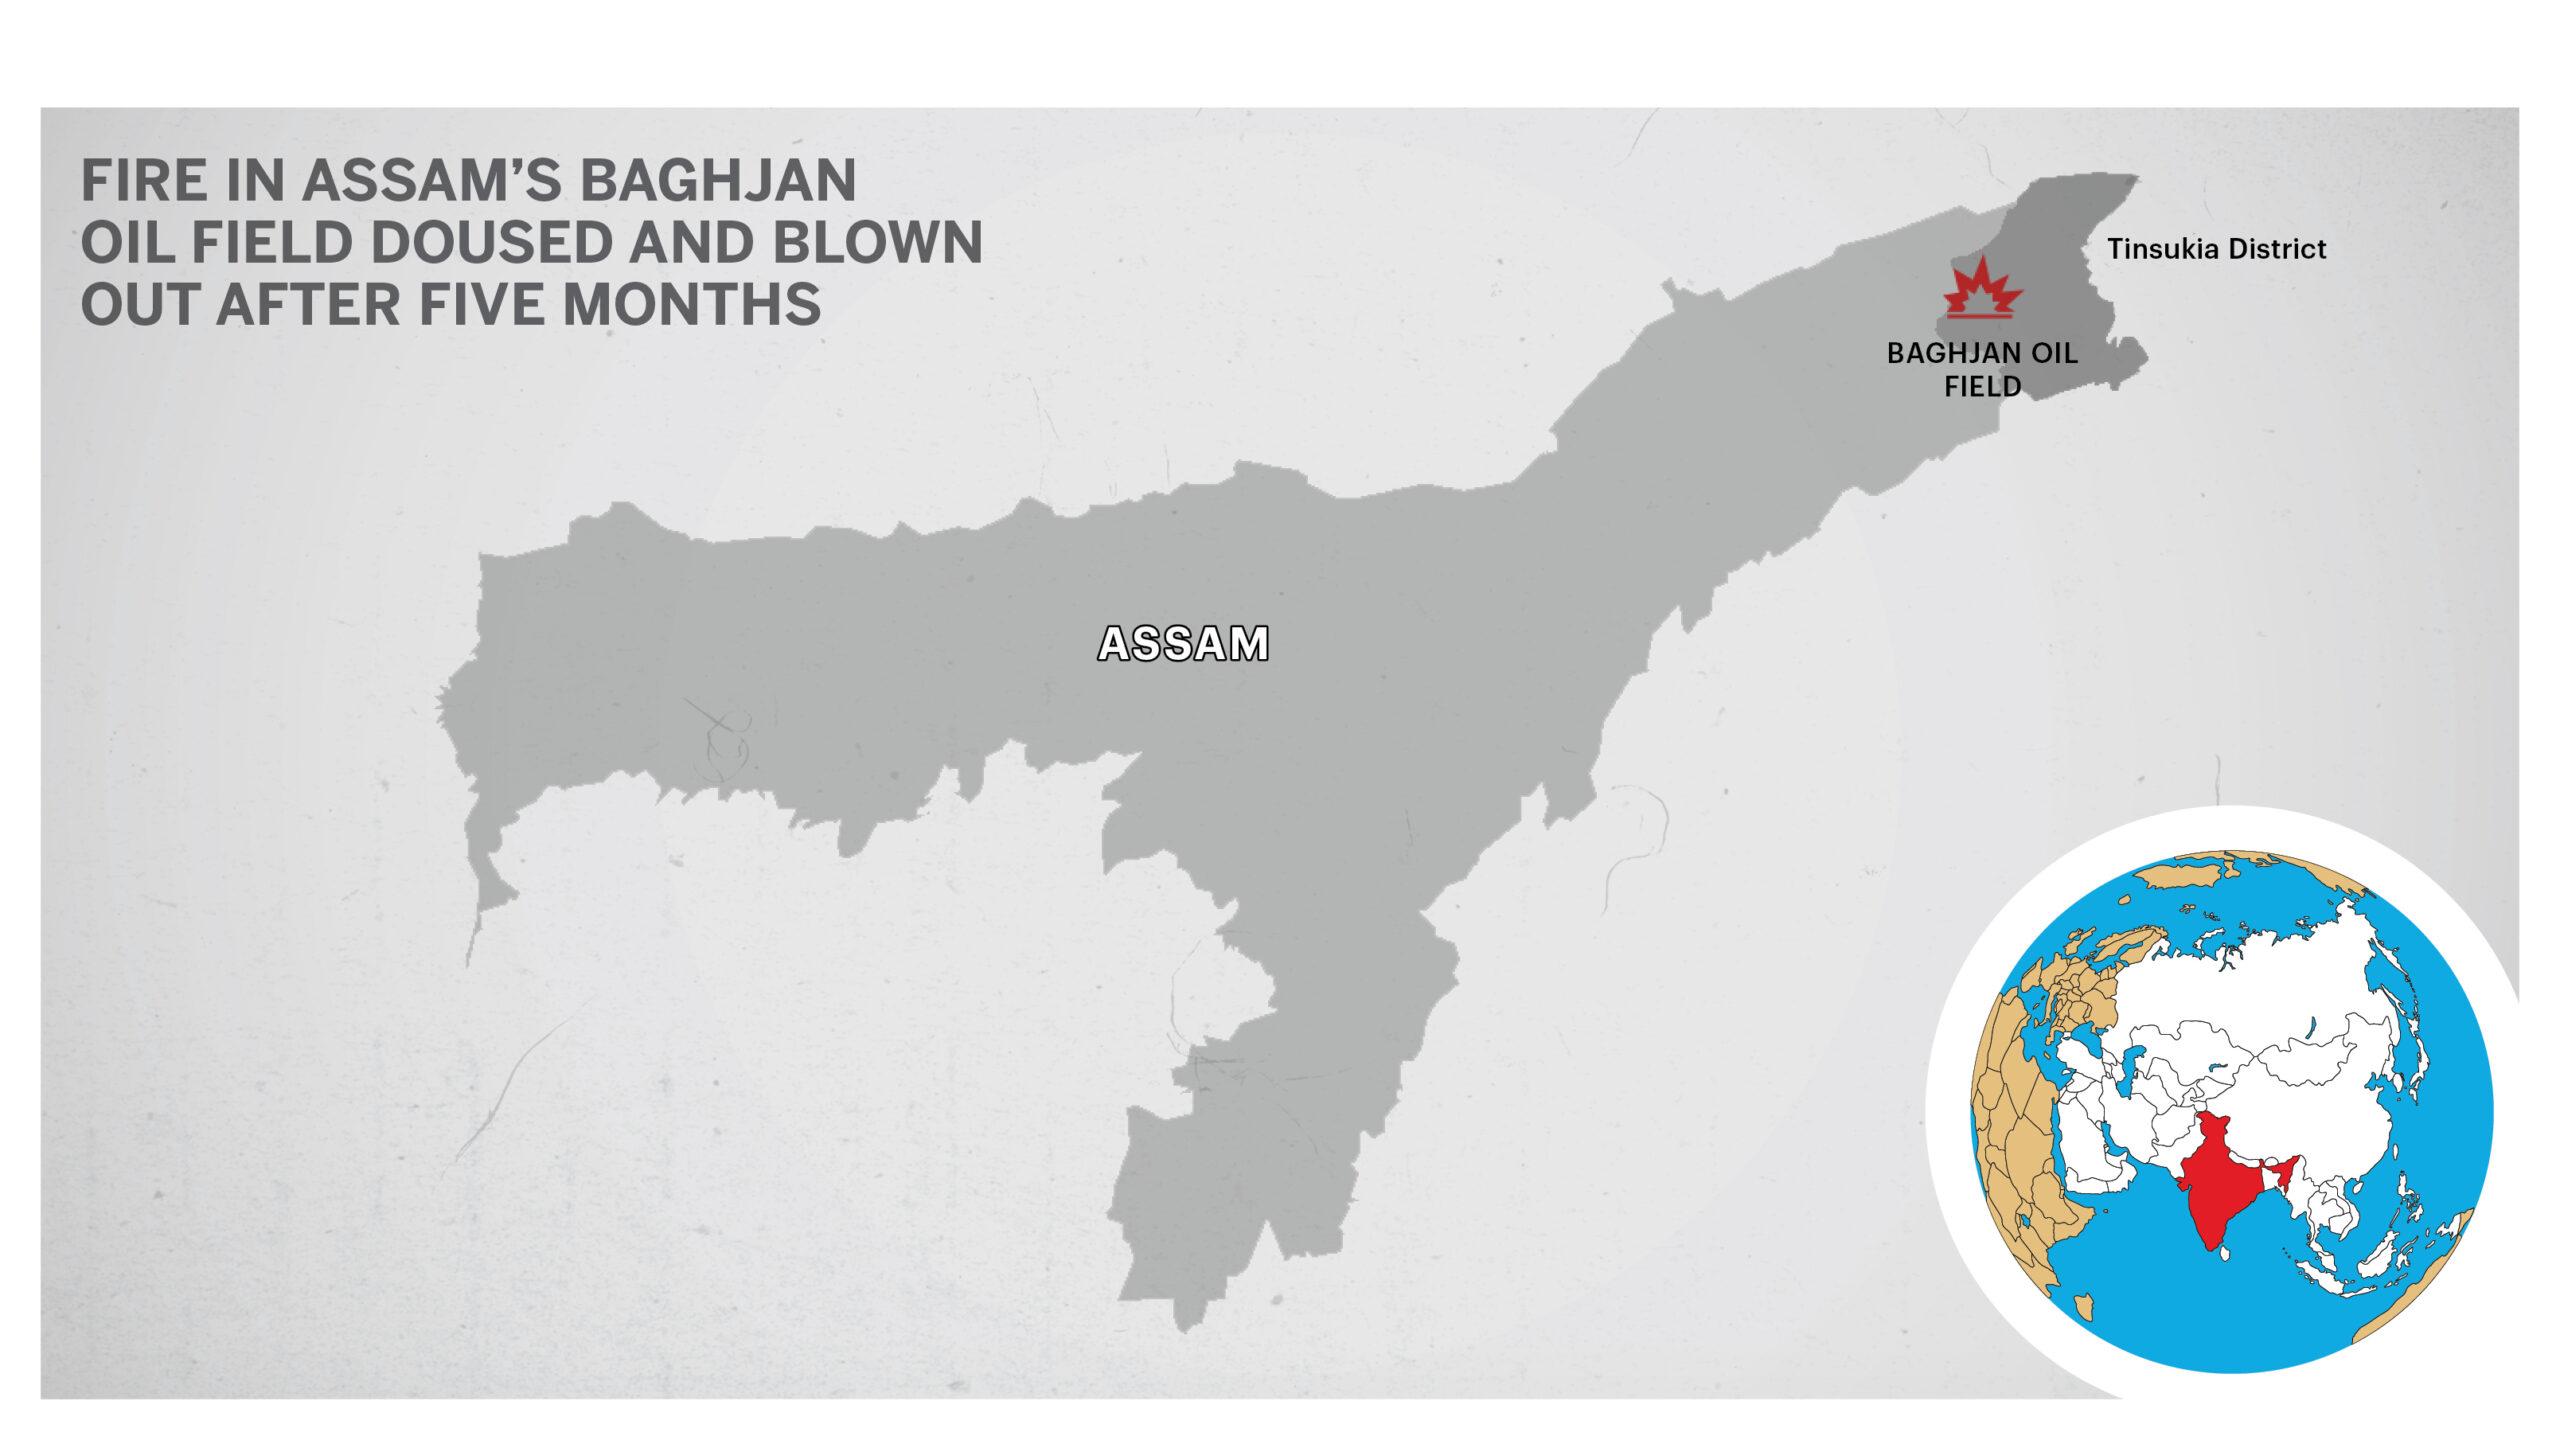 Baghjan